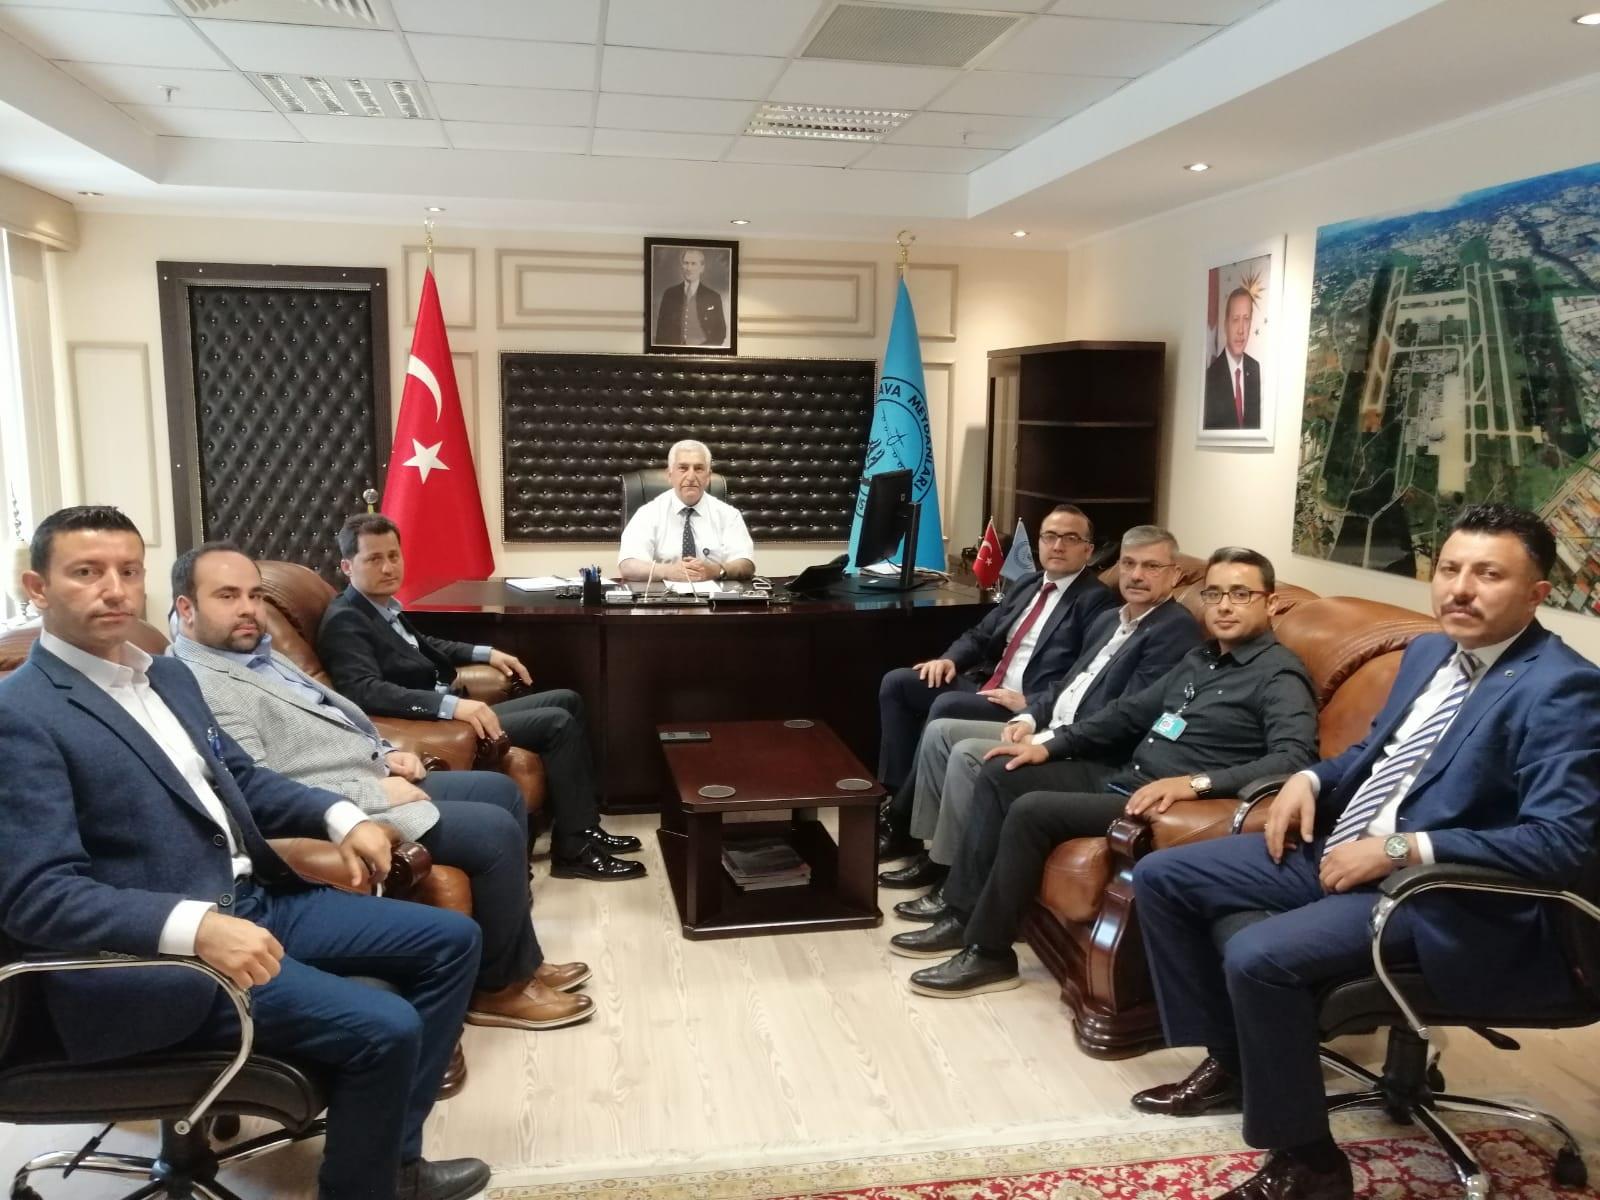 Ulaştırma Memur-Sen'den Antalya Havalimanına geçmiş olsun ziyareti